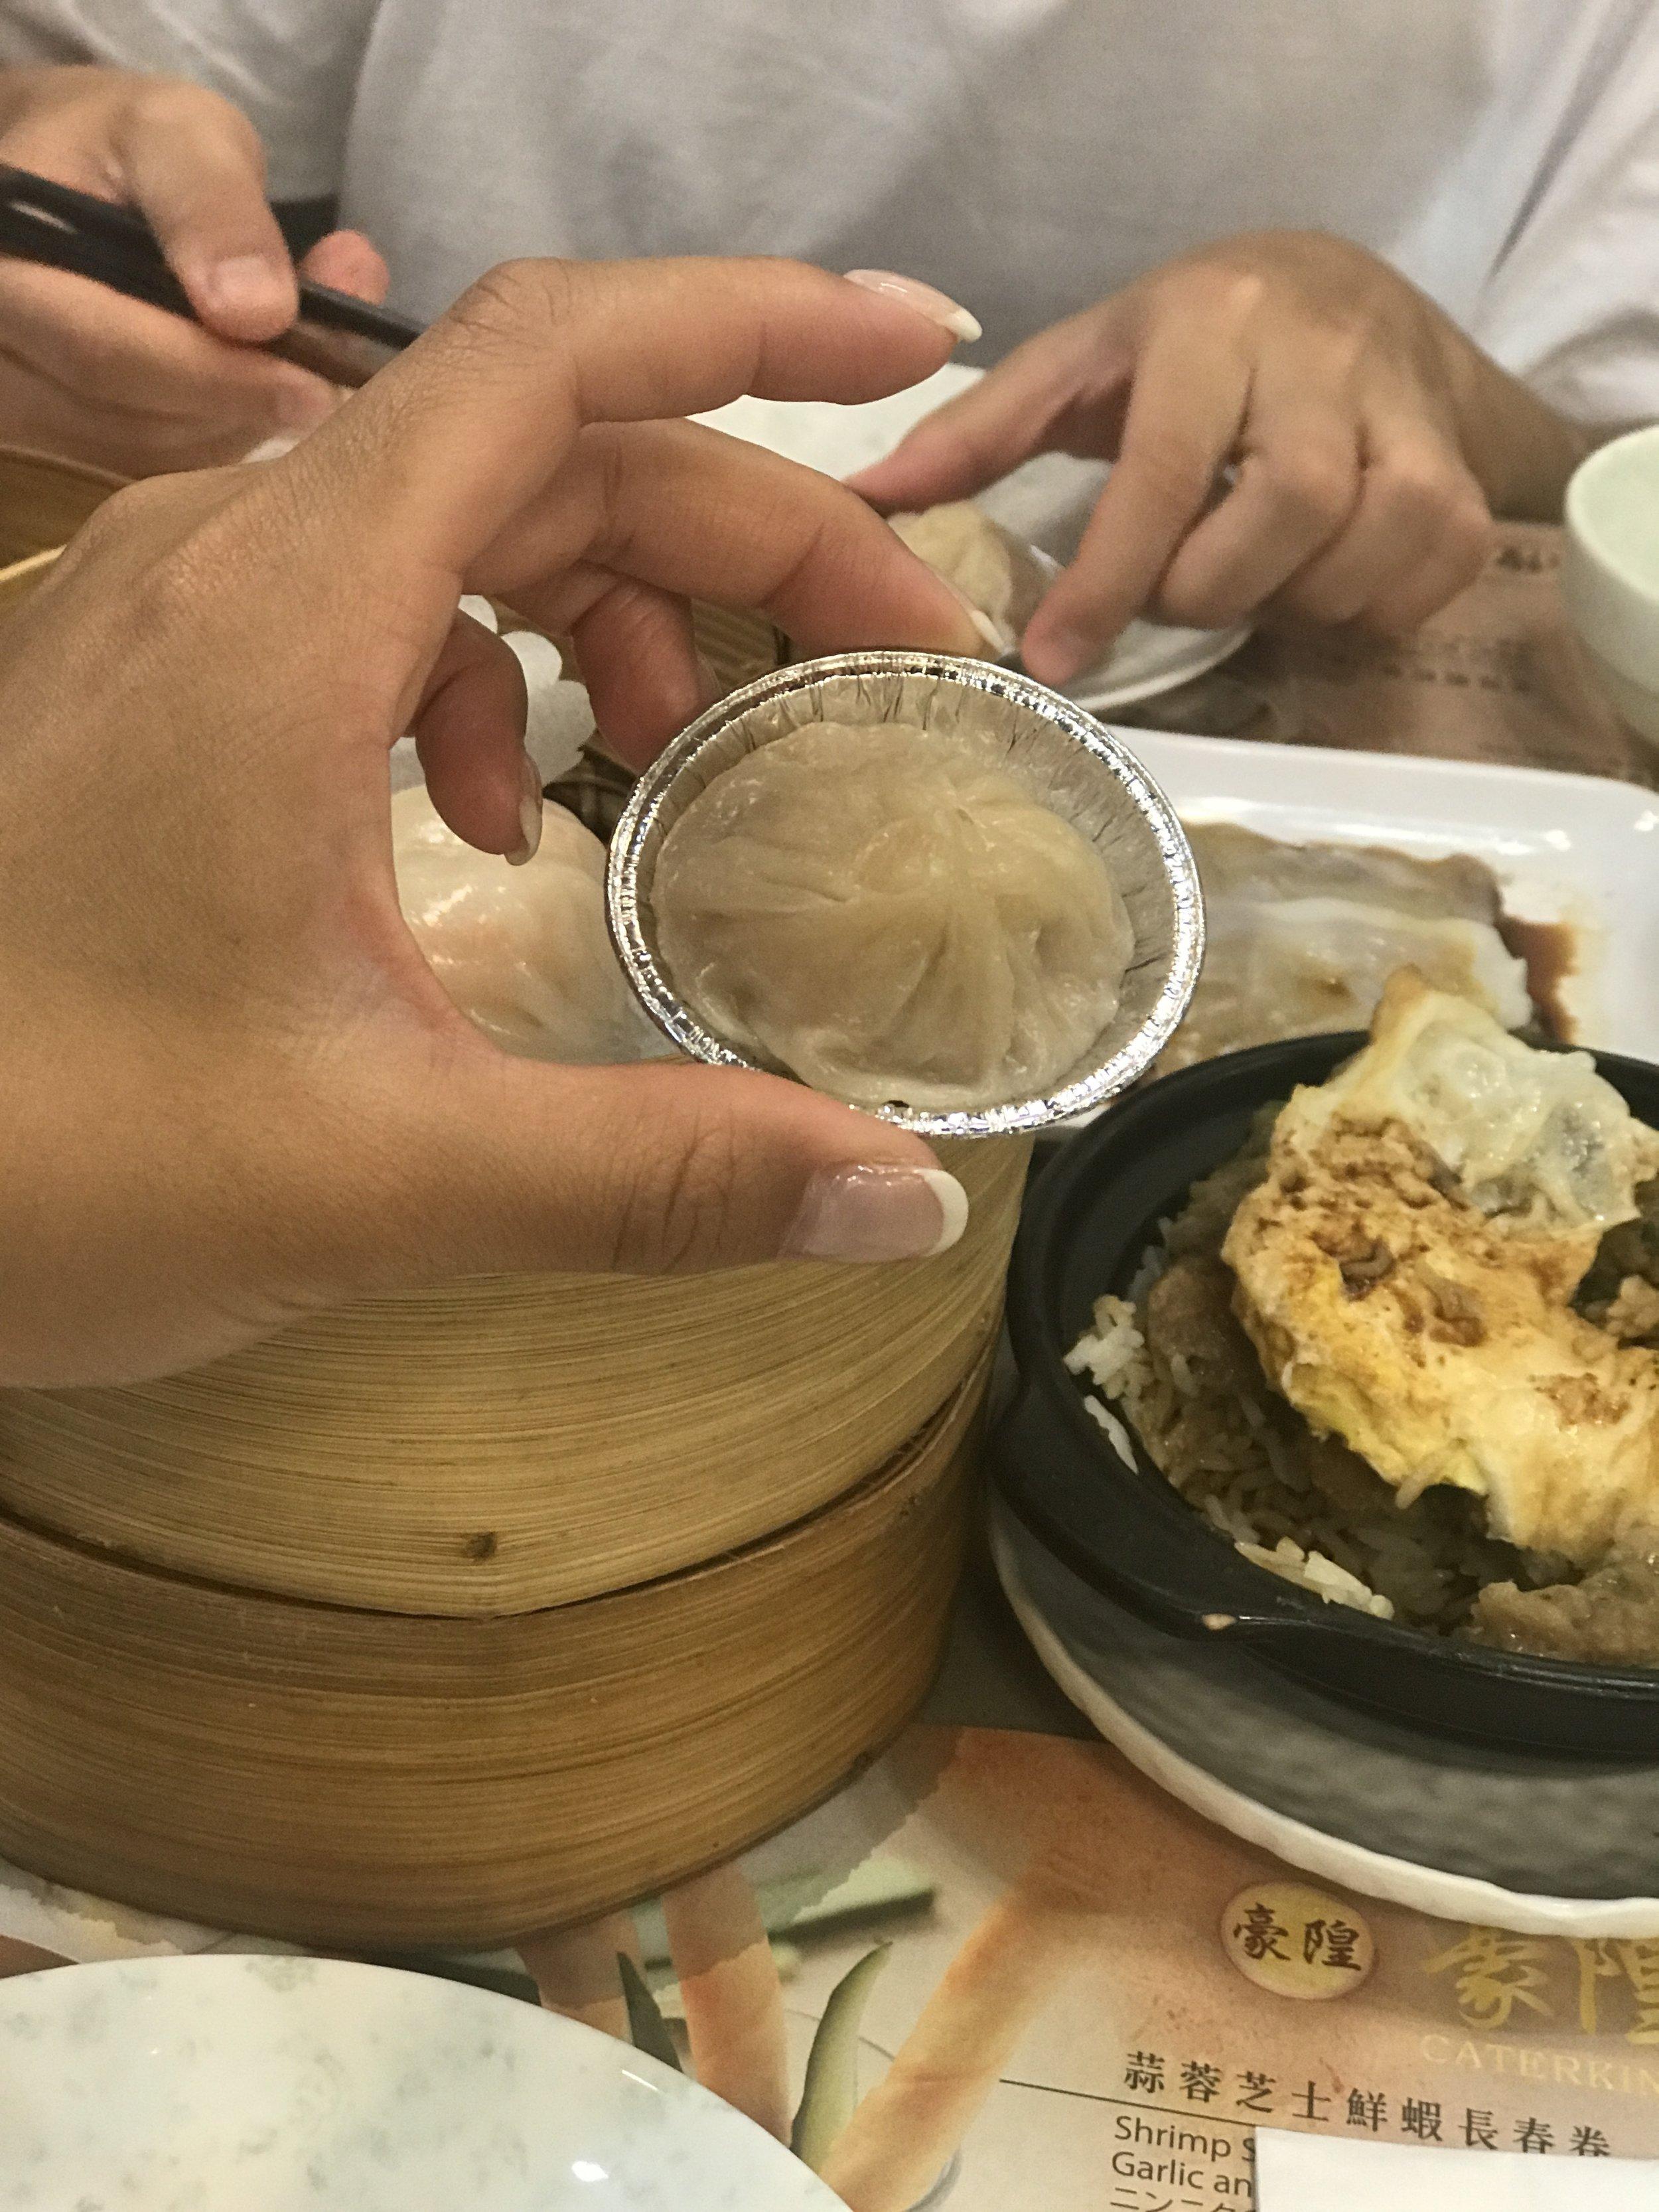 Xiao Long Bao - Soup Dumplings at Caterking